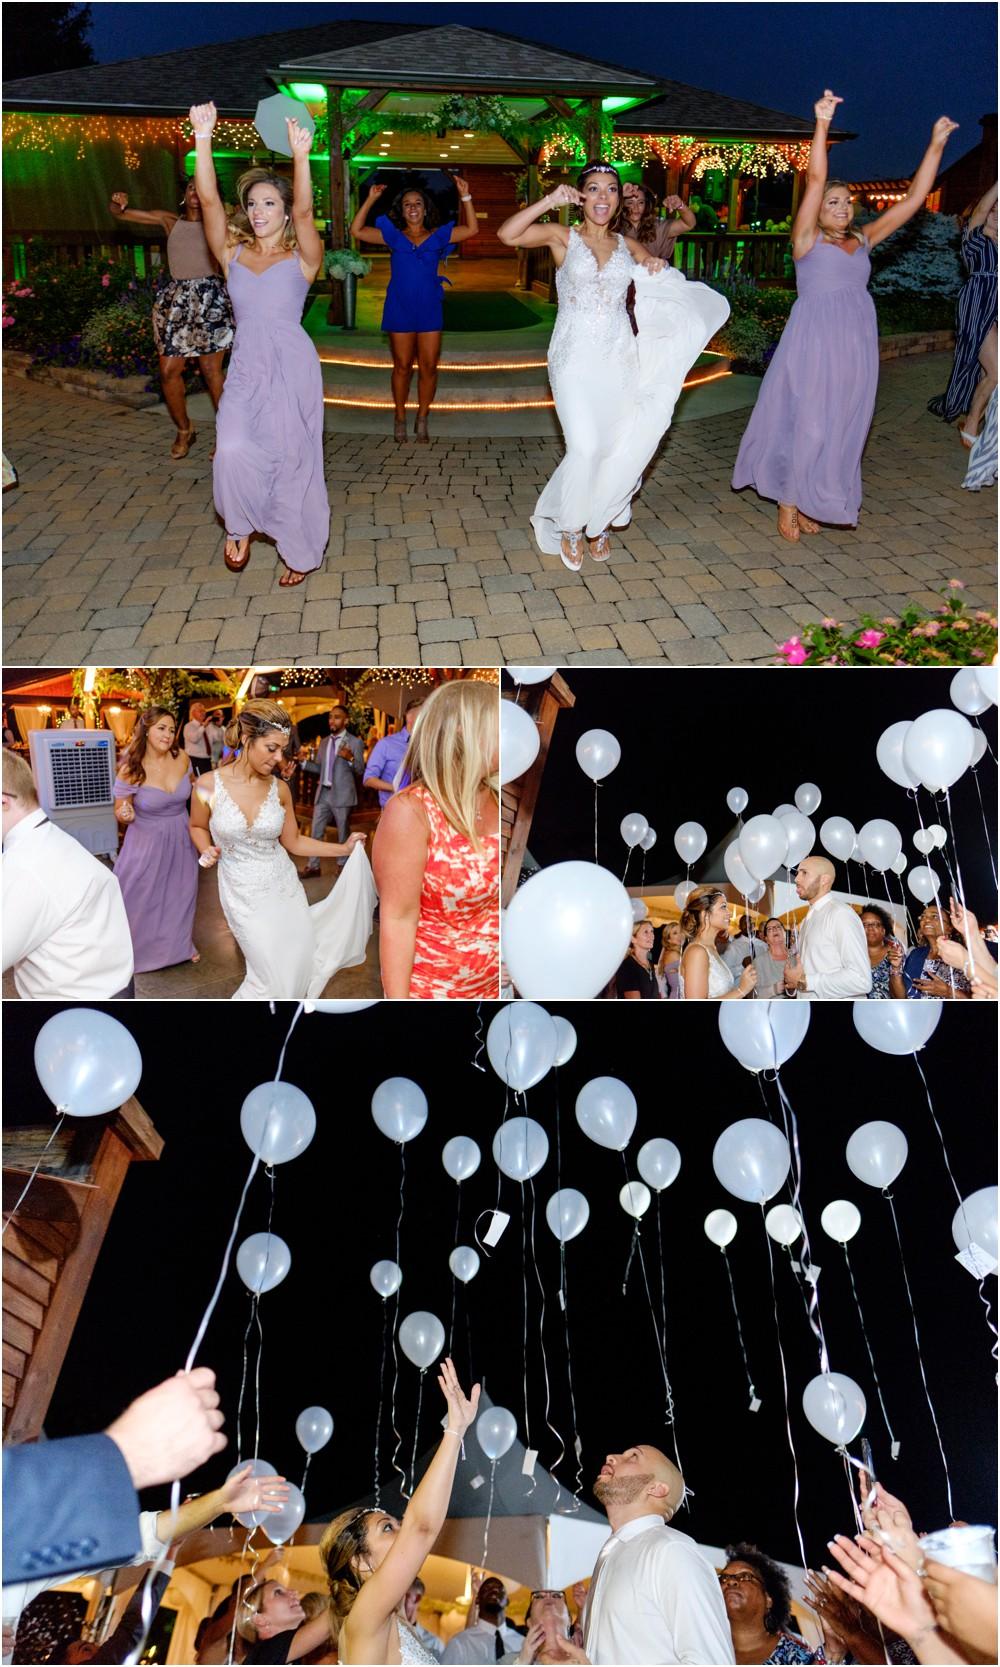 wedding-pictures-at-Avon-gardens_0022.jpg